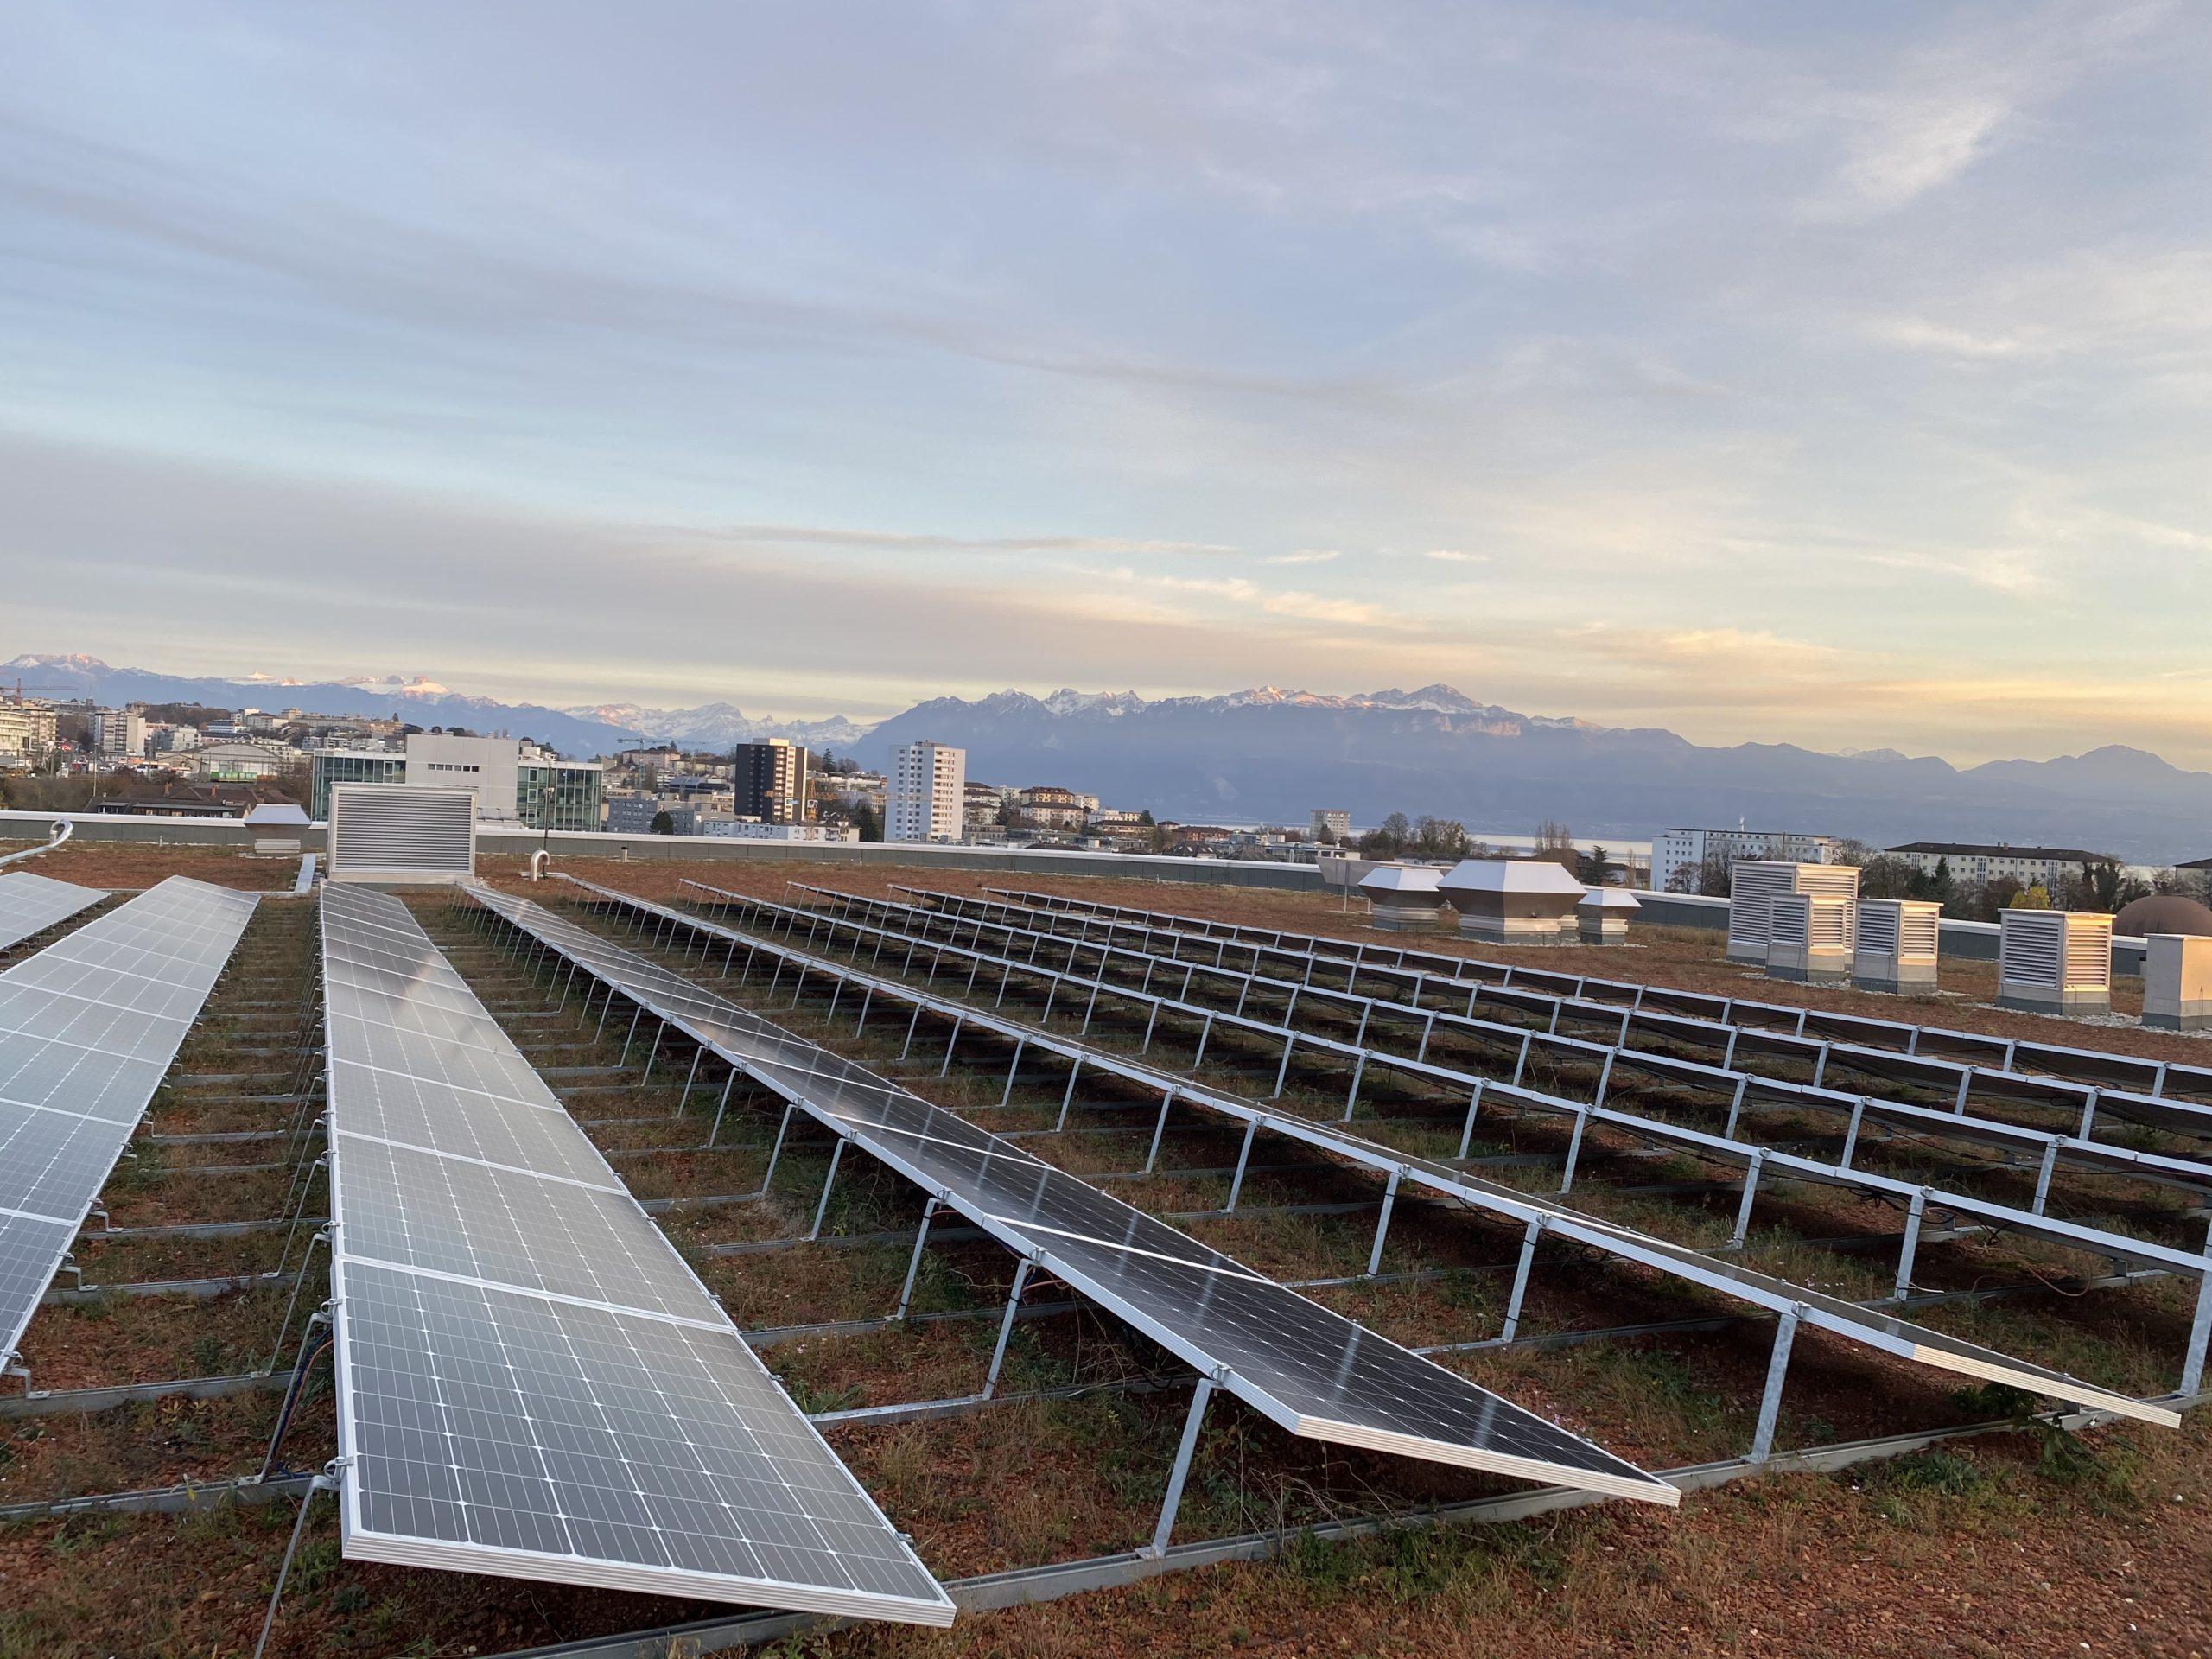 Panneaux solaires sur le toit de la Vaudoise aréna